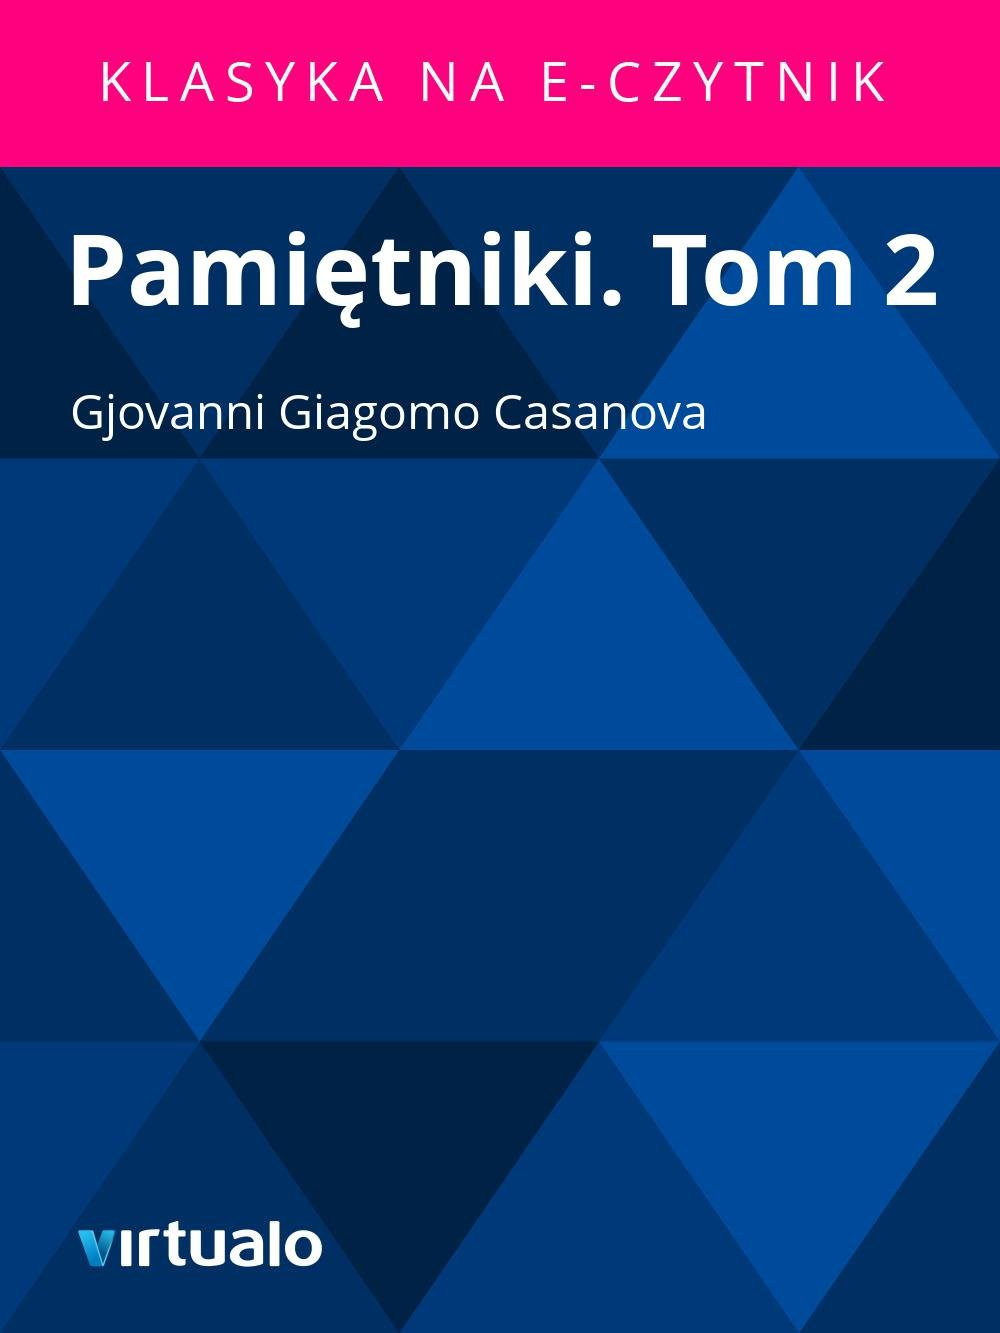 Pamiętniki. Tom 2 - Ebook (Książka EPUB) do pobrania w formacie EPUB